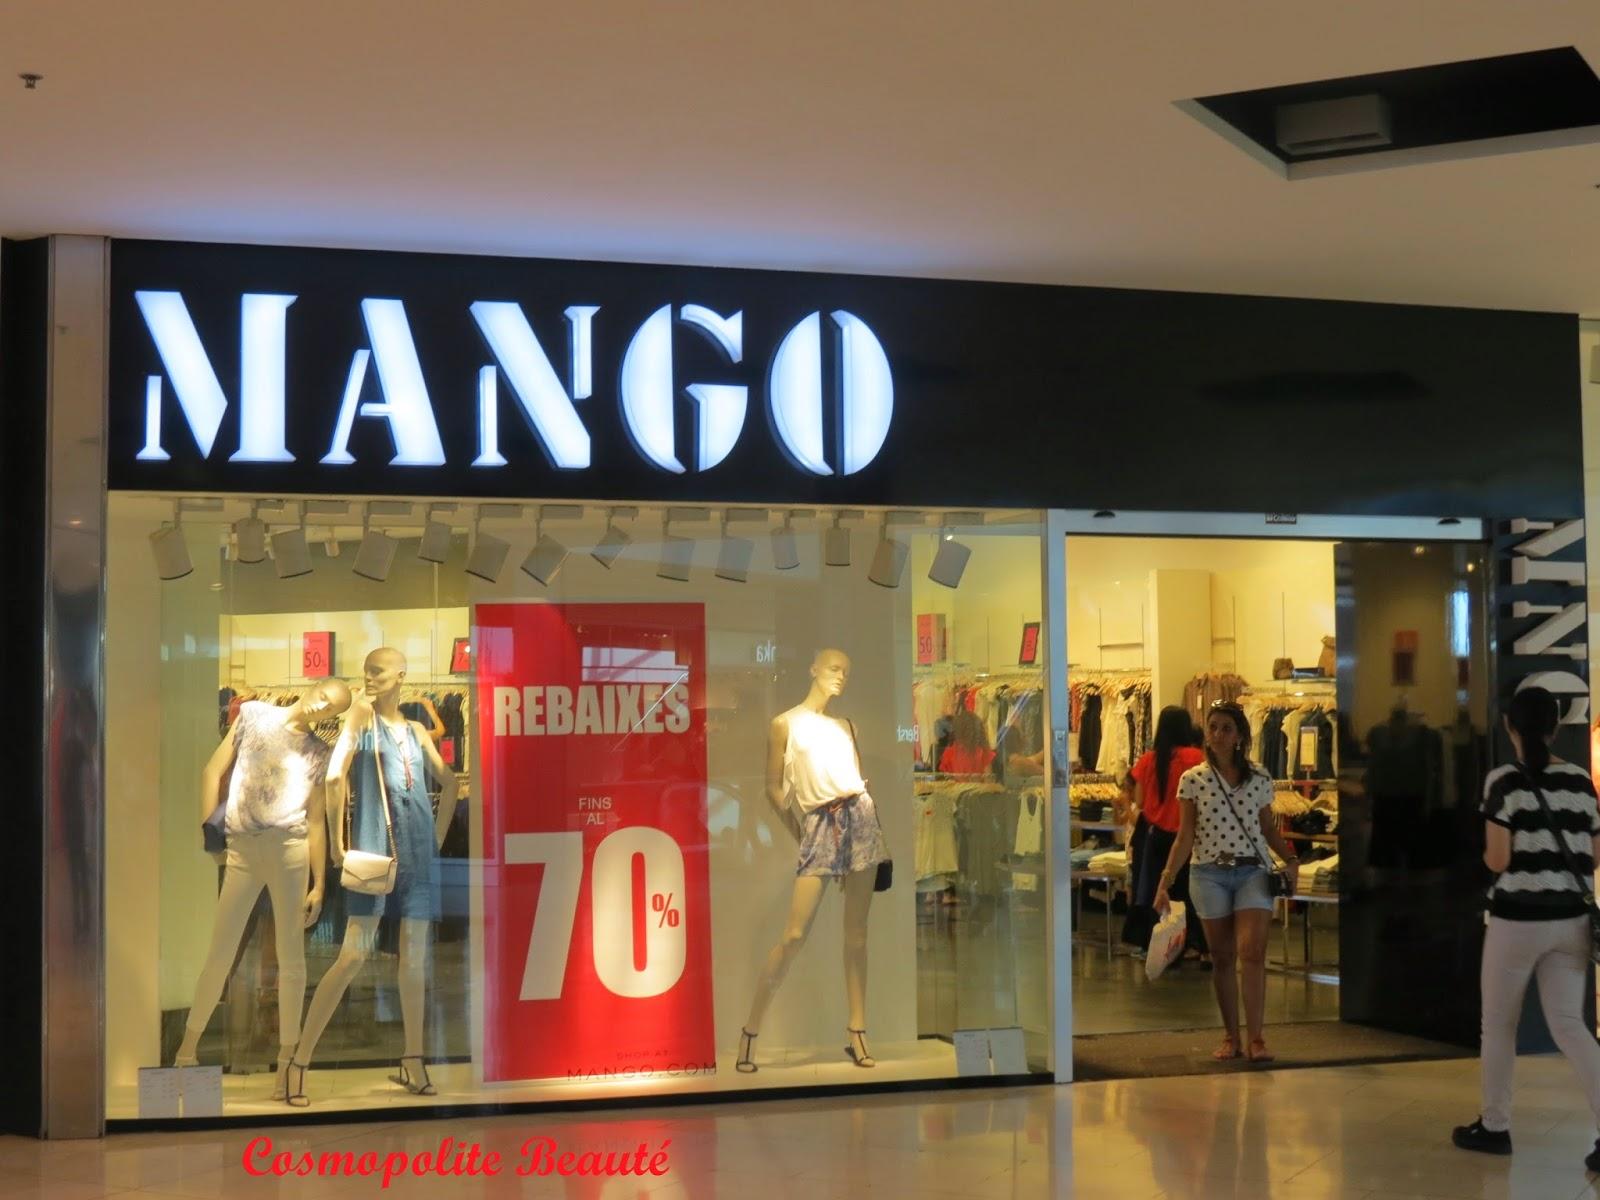 Mango, Barcelone, Espagne, voyage, carnet de voyage, Barcelona, beauté, mode, boutiques